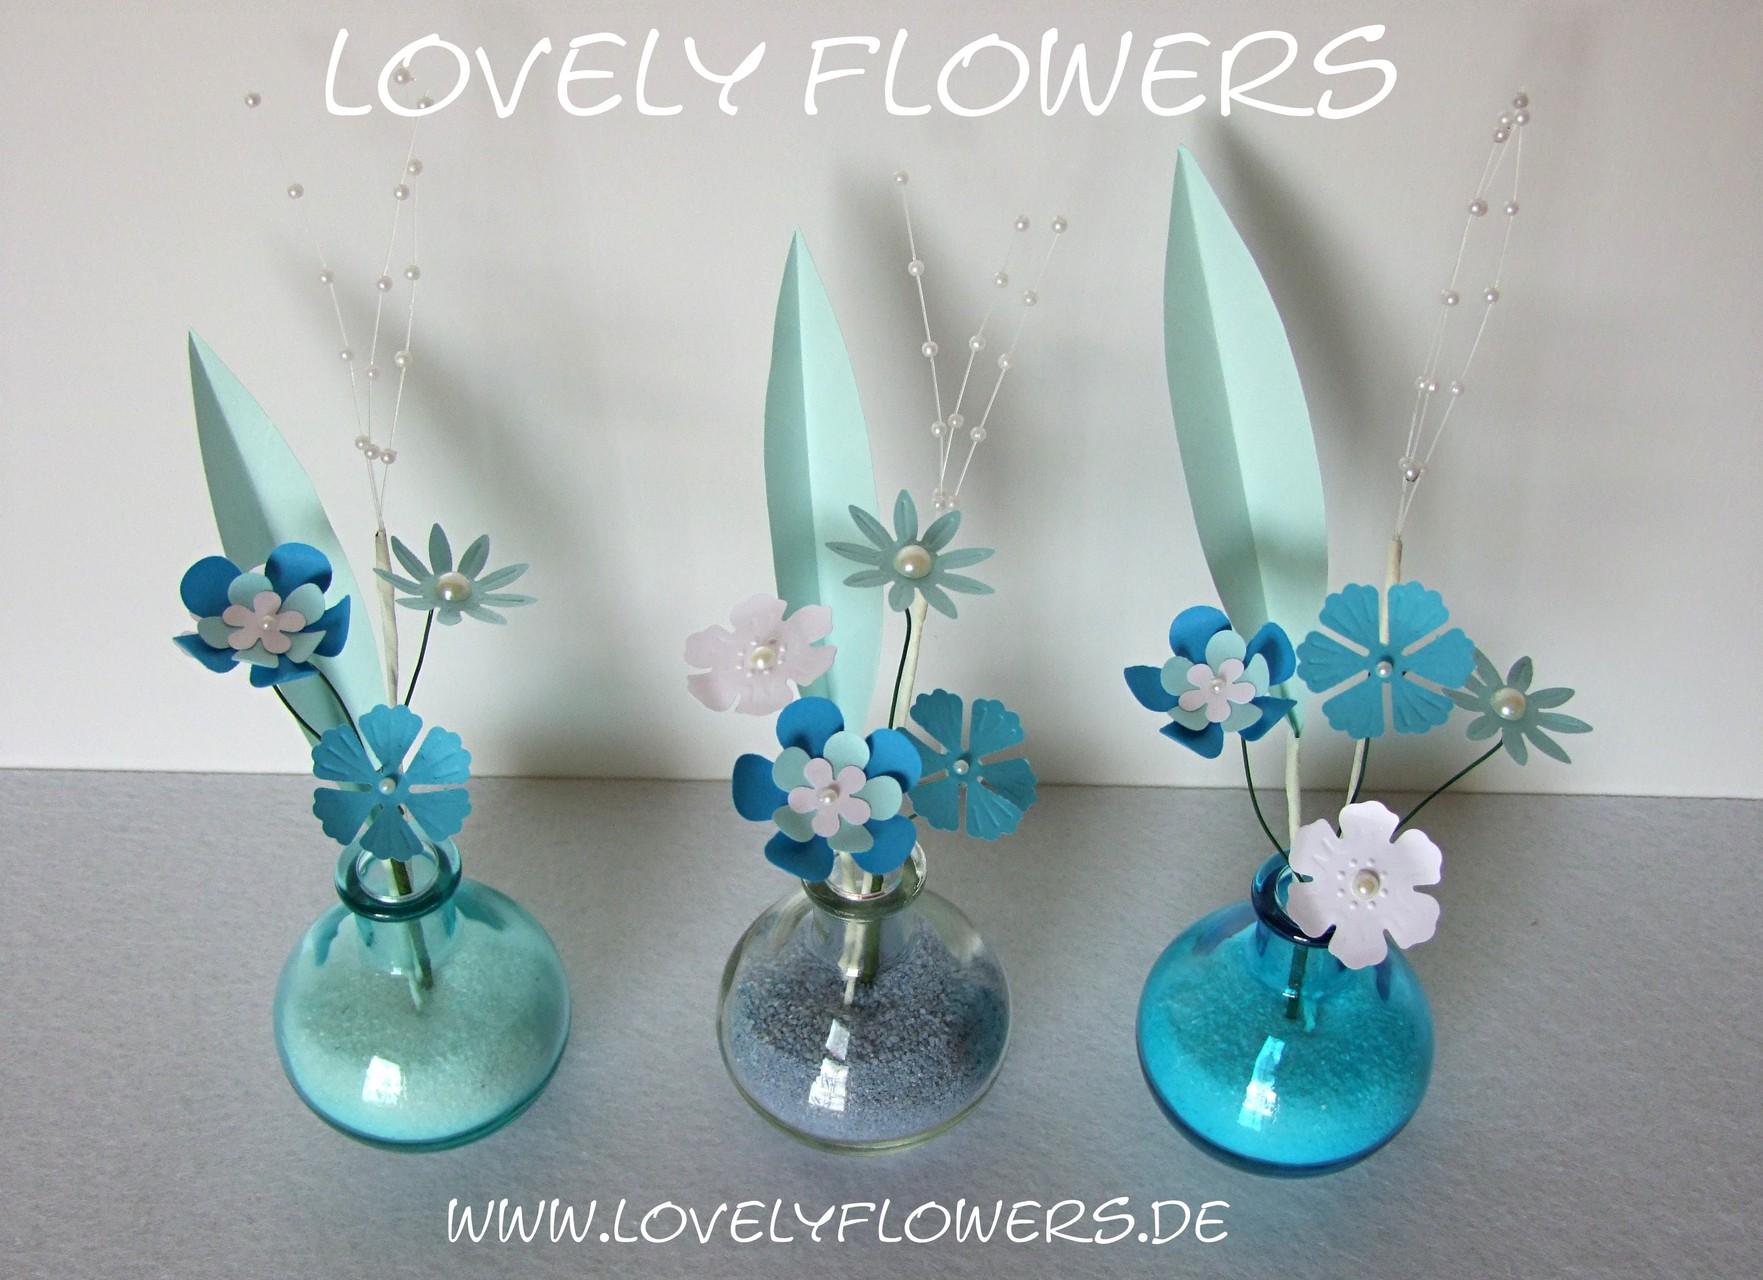 www.lovelyflowers.de - Dein Spezialist für hippe PAPER-ART-Blumenset-Dekorationen!